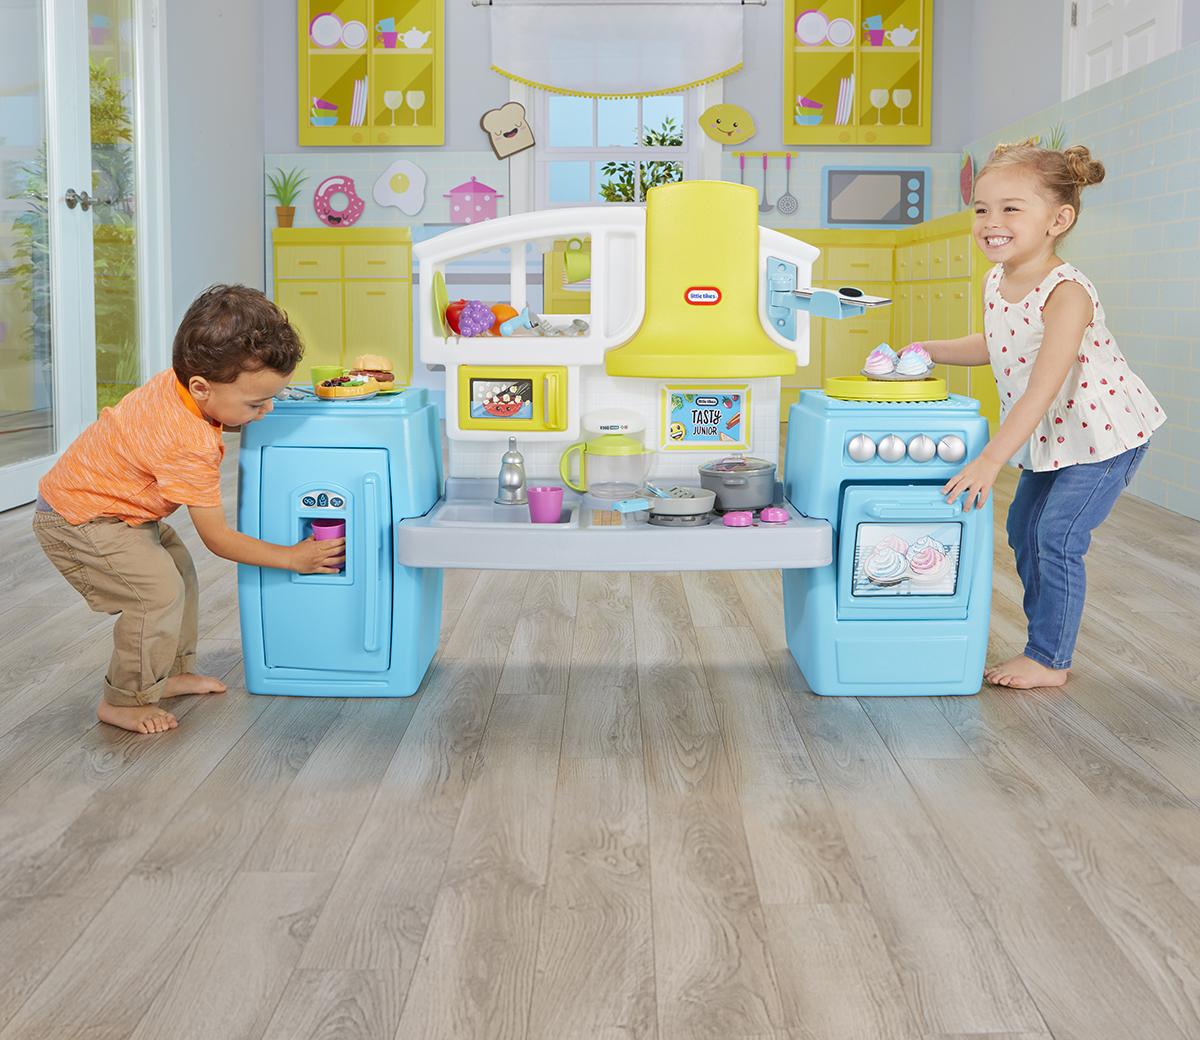 Tikes Tasty Junior Bake 'n Share Kitchen + 38 accessories £55 @ Argos (Click & Collect)